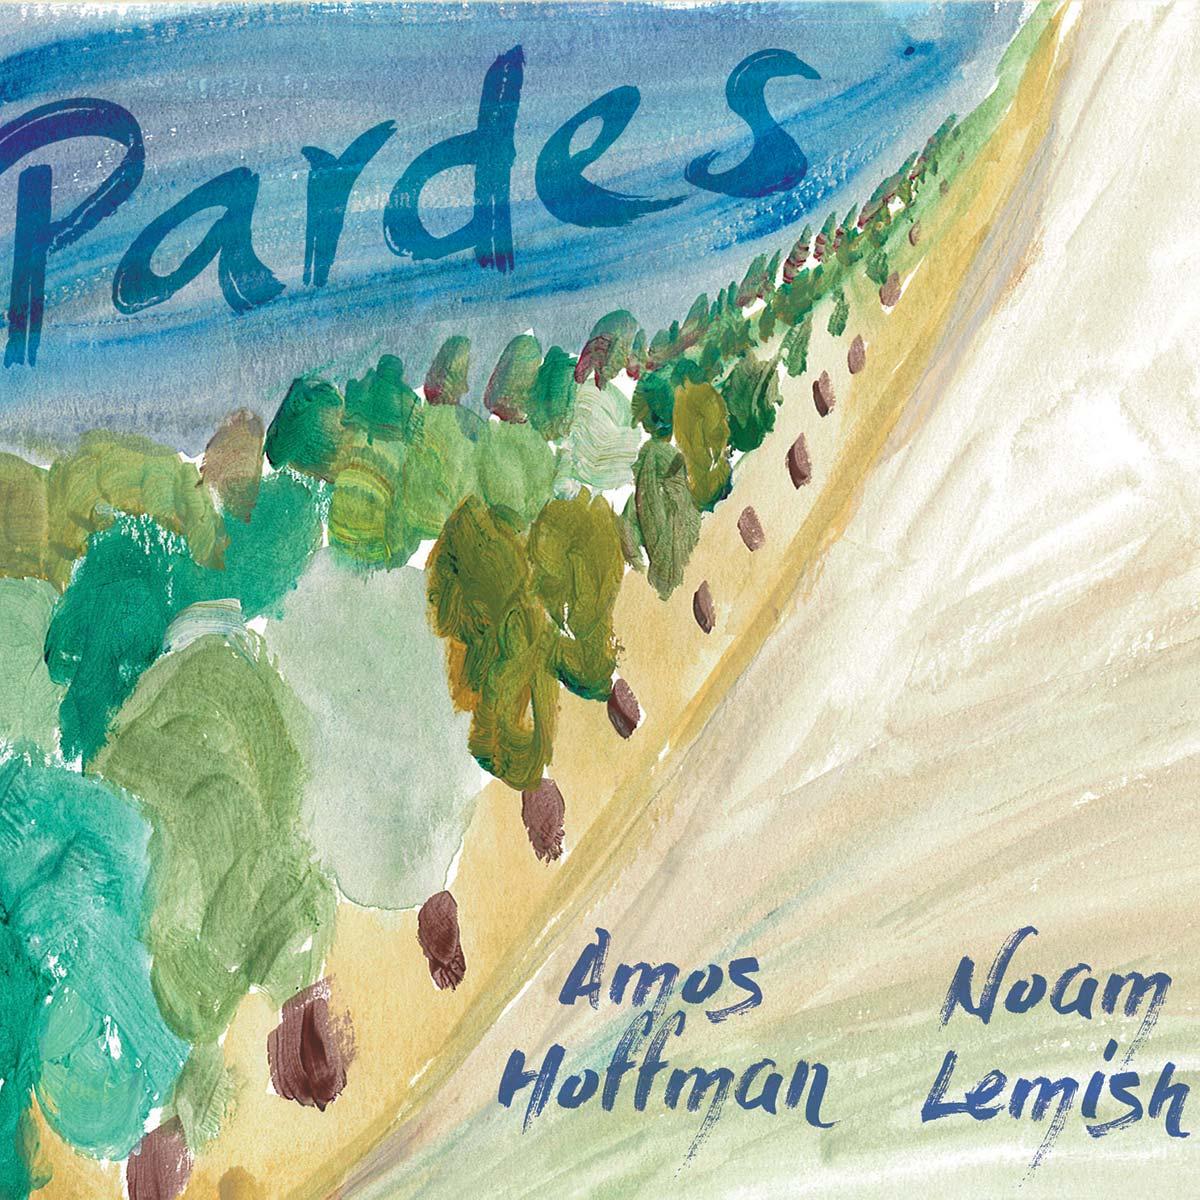 Hoffman Lemish – Pardes - Album art